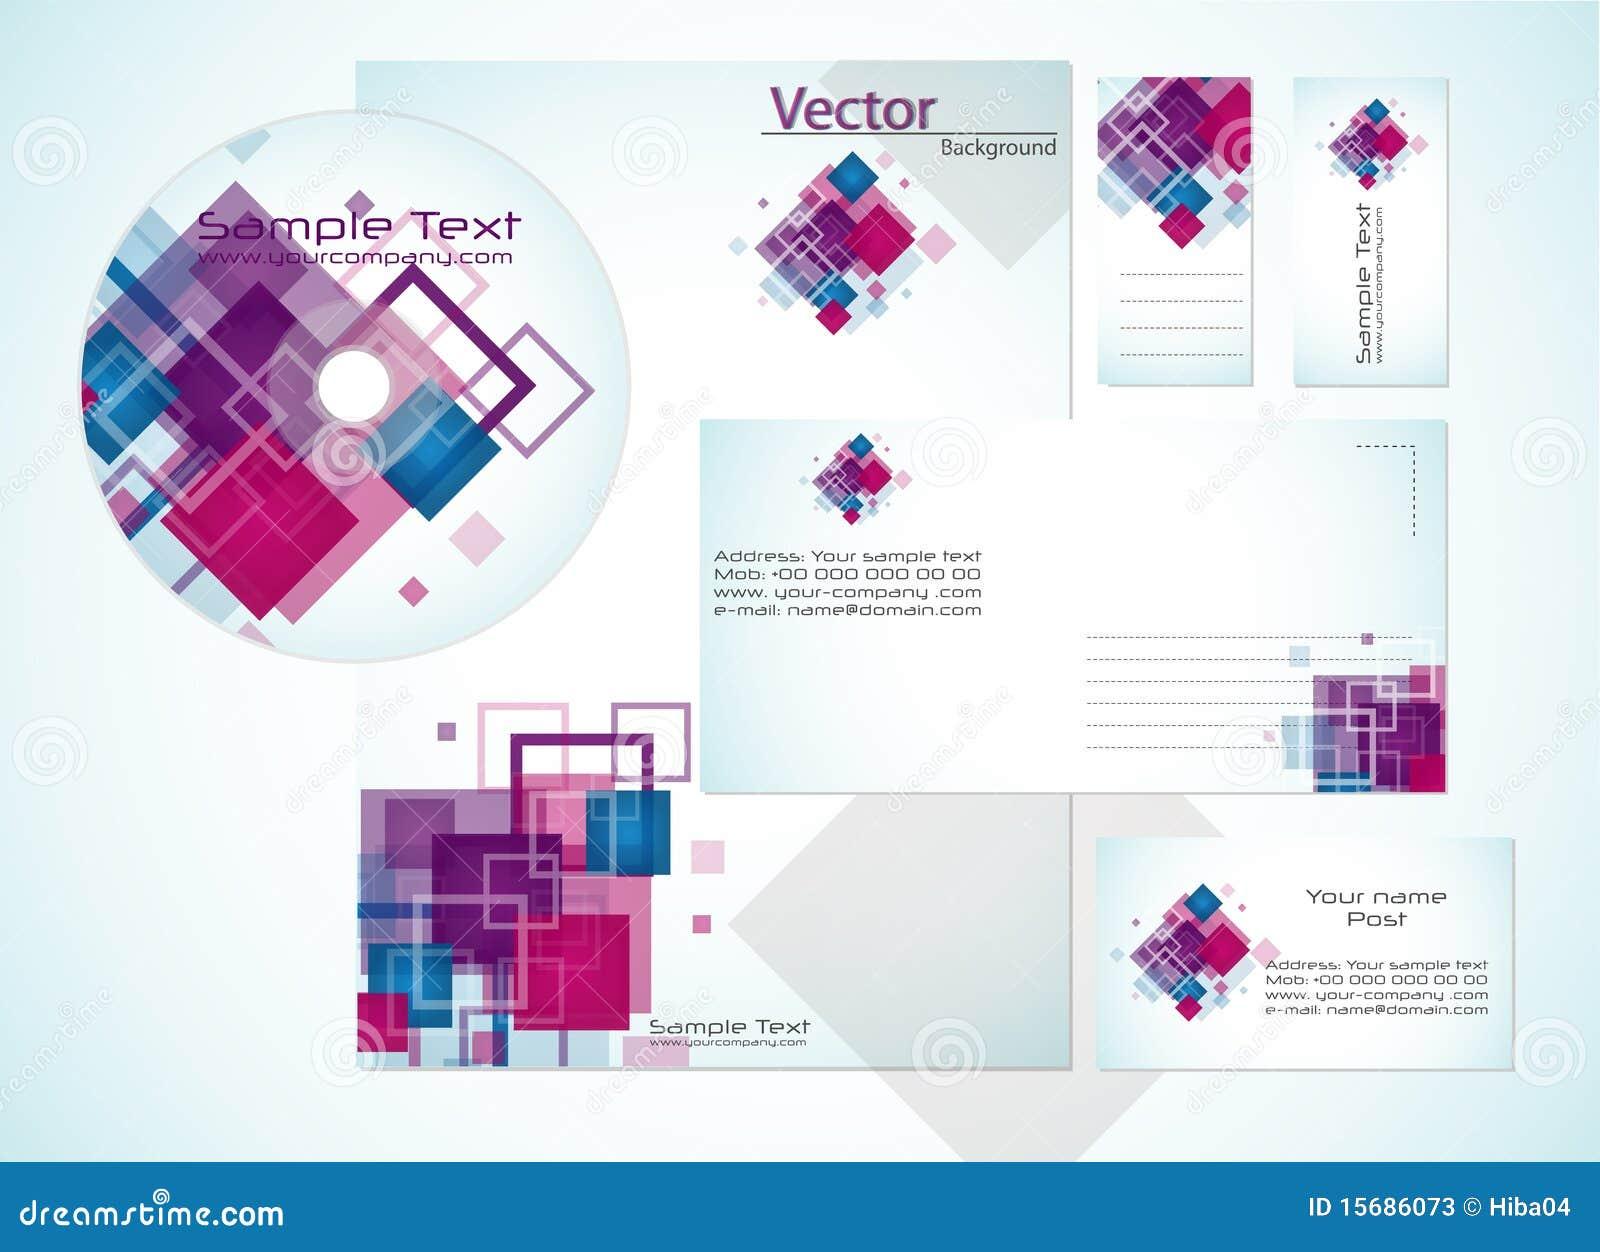 Nuevo concepto de oficina centjacreditos for Concepto de oficina